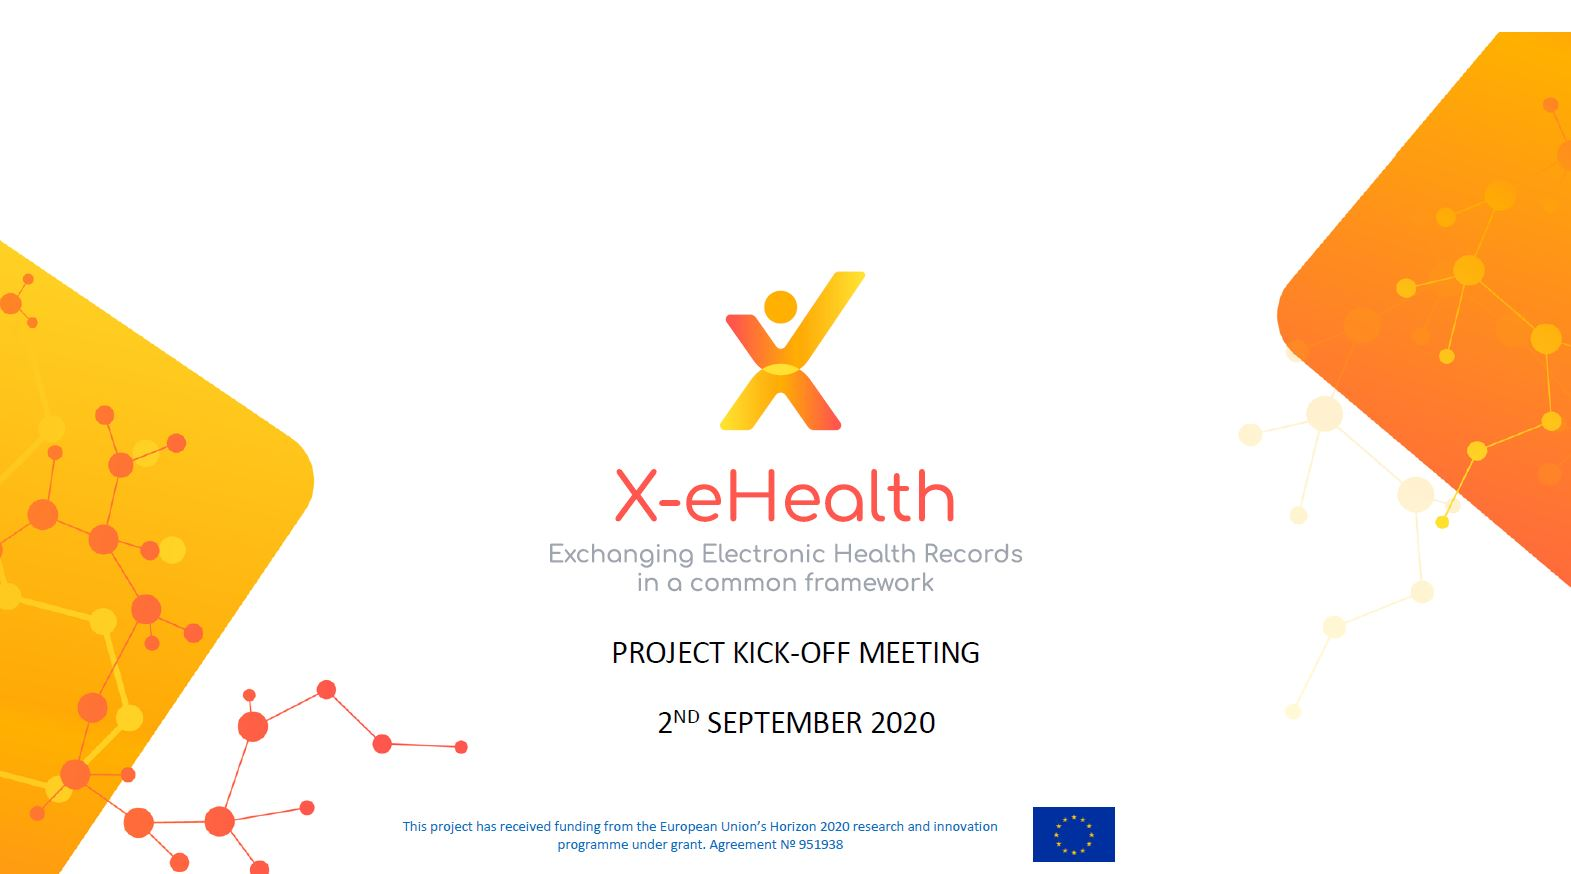 Iniciat el projecte europeu X-eHealth en el que hi participa la Fundació TIC Salut Social